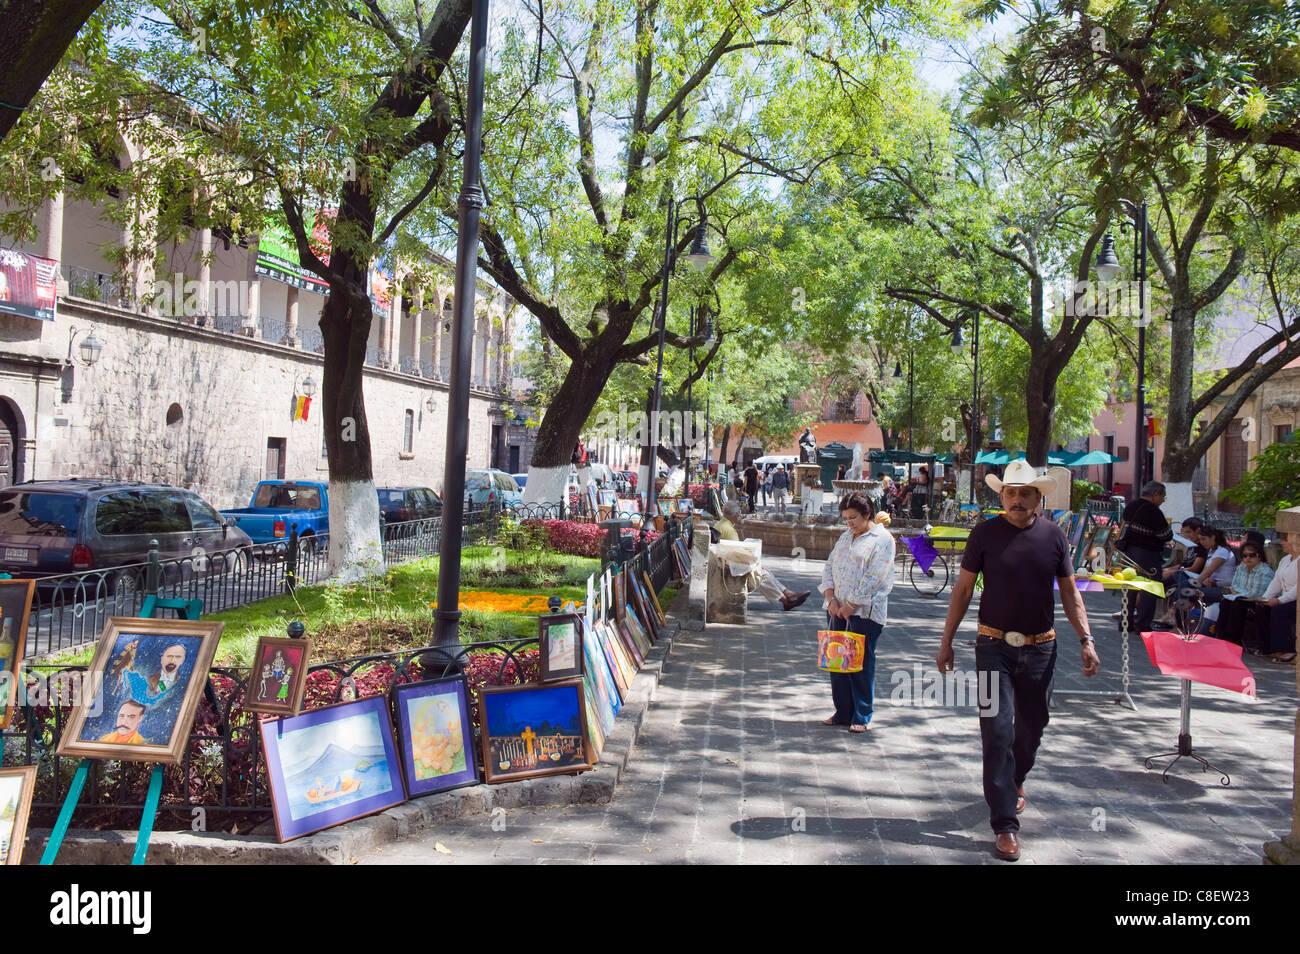 Art market in Jardin de las Rosas, Morelia, Michoacan state, Mexico - Stock Image